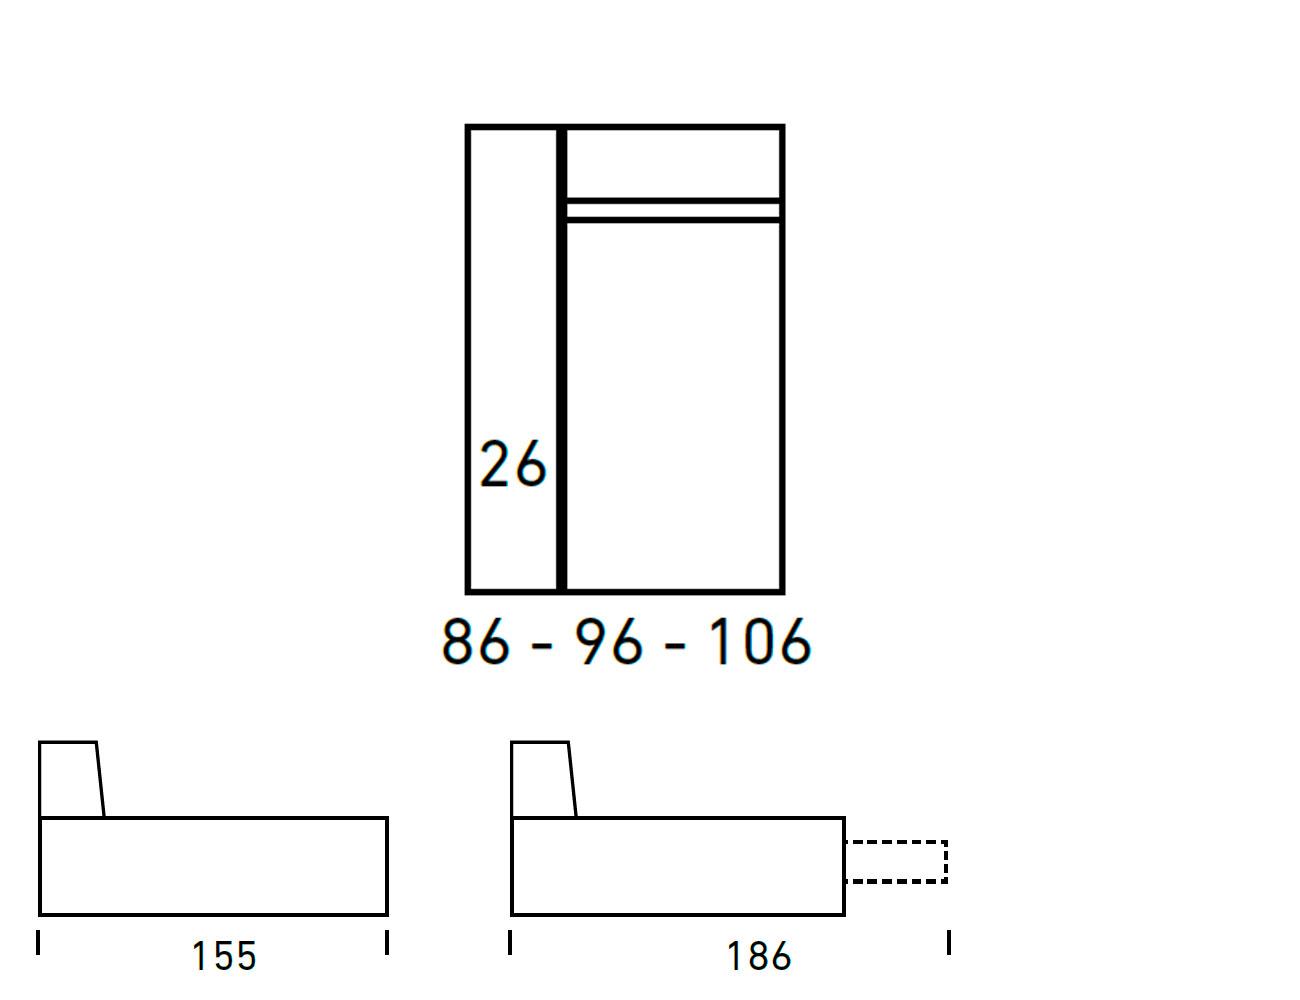 Croquis modulos chaiselongue 86 96 10624